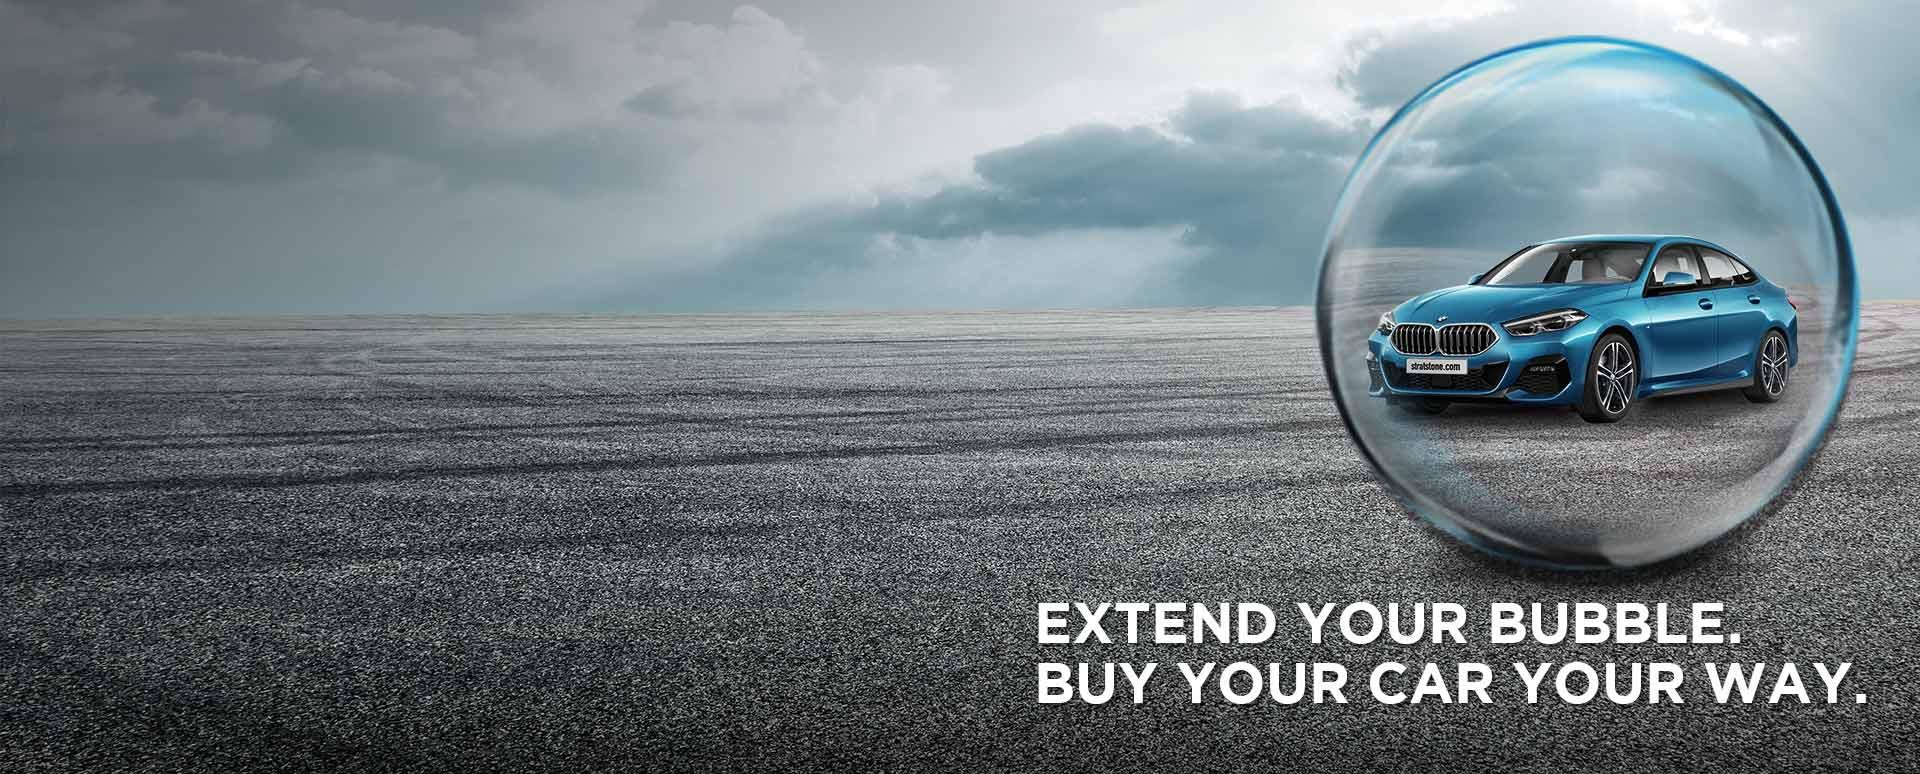 Extend Your Bubble